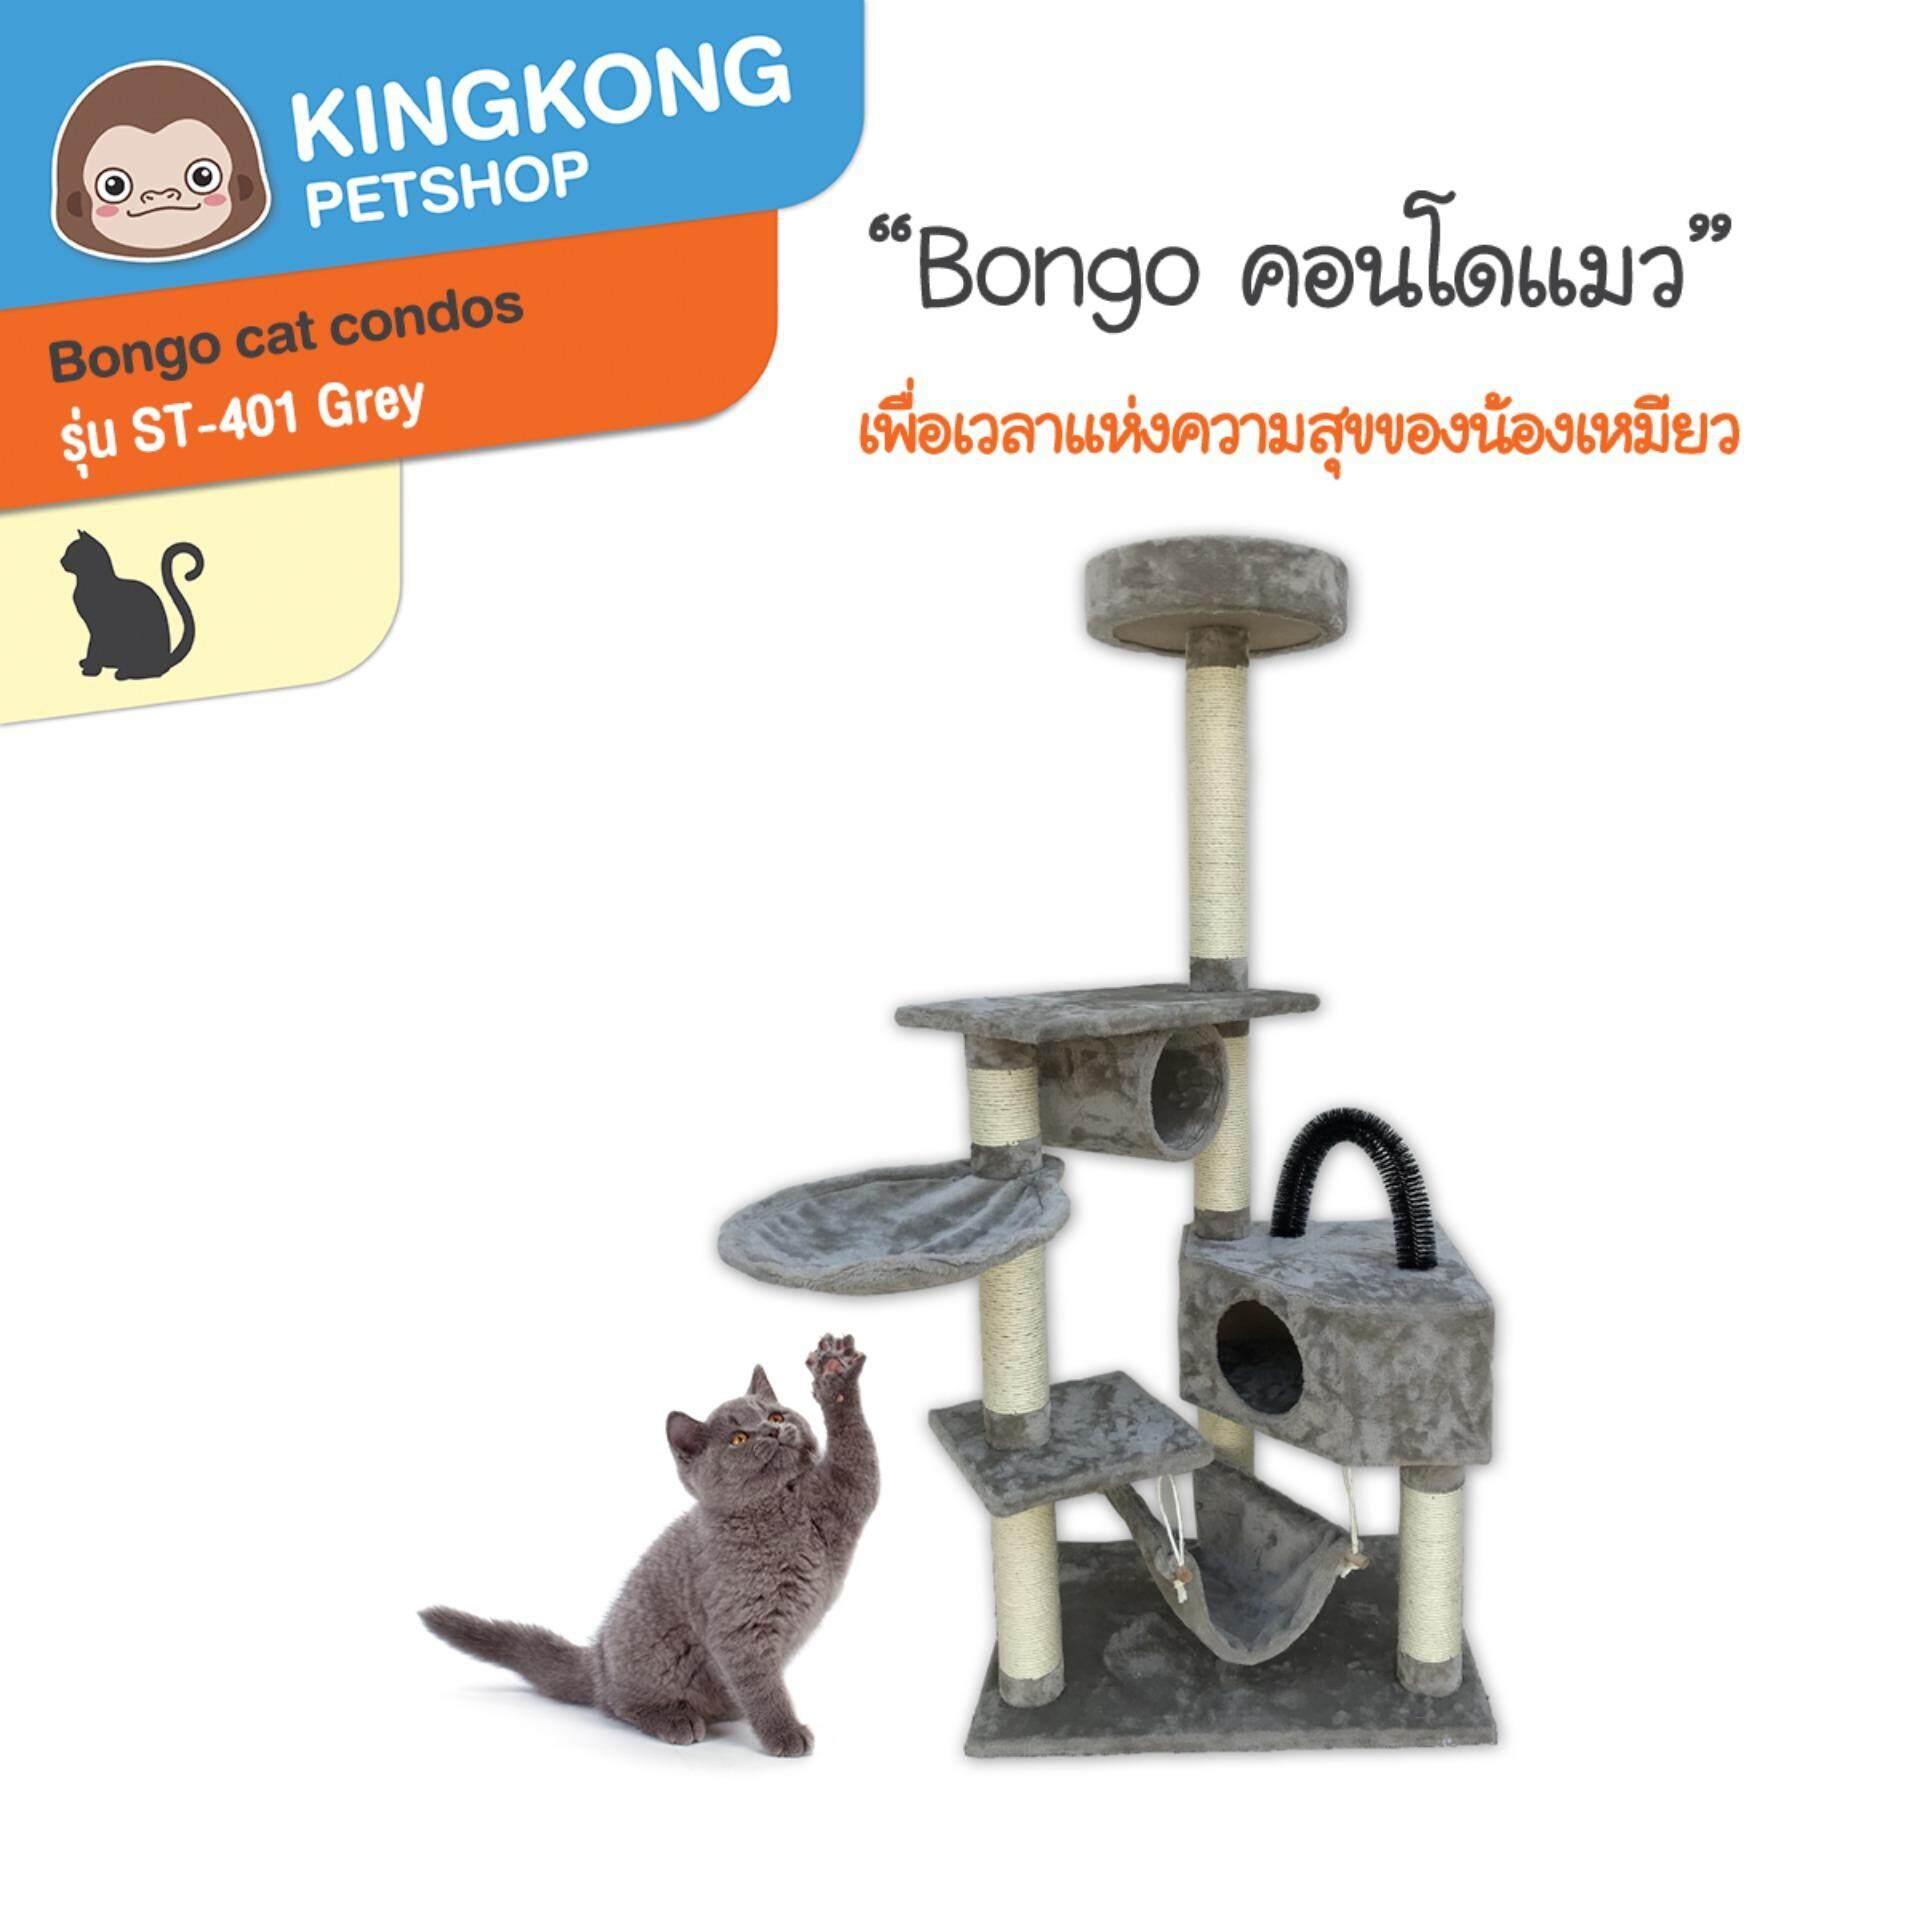 ราคา คอนโดแมว Bongo Cat Tree รุ่น 80266 Grey ใหม่ ถูก